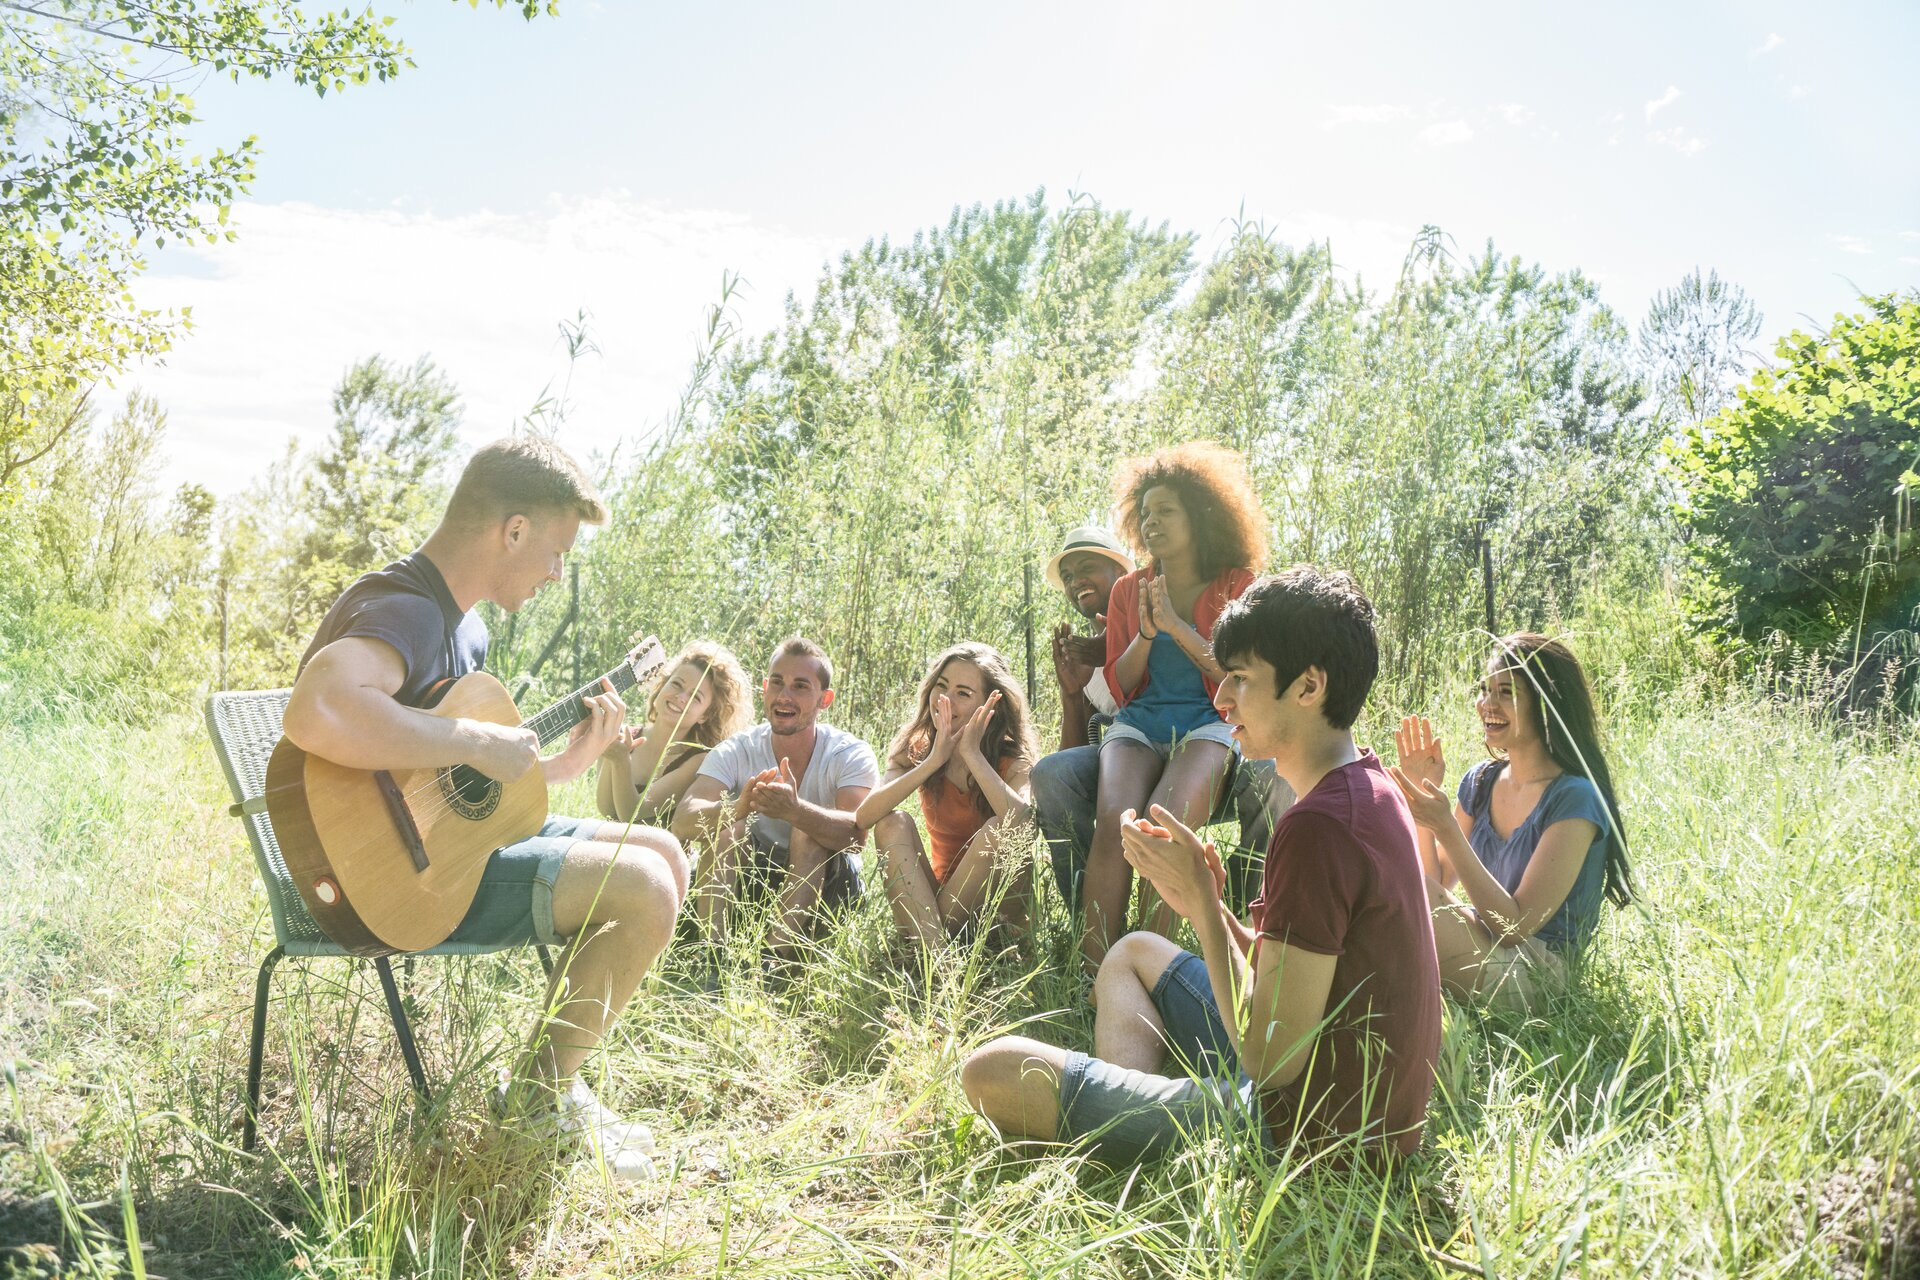 Ilustracja przedstawia grupkę przyjaciół na łonie natury. Jeden zmężczyzn po lewej stronie siedzi na krześle ogrodowym igra na gitarze, wokół niego znajdują się nastolatkowie, którzy się uśmiechają iklaszczą.